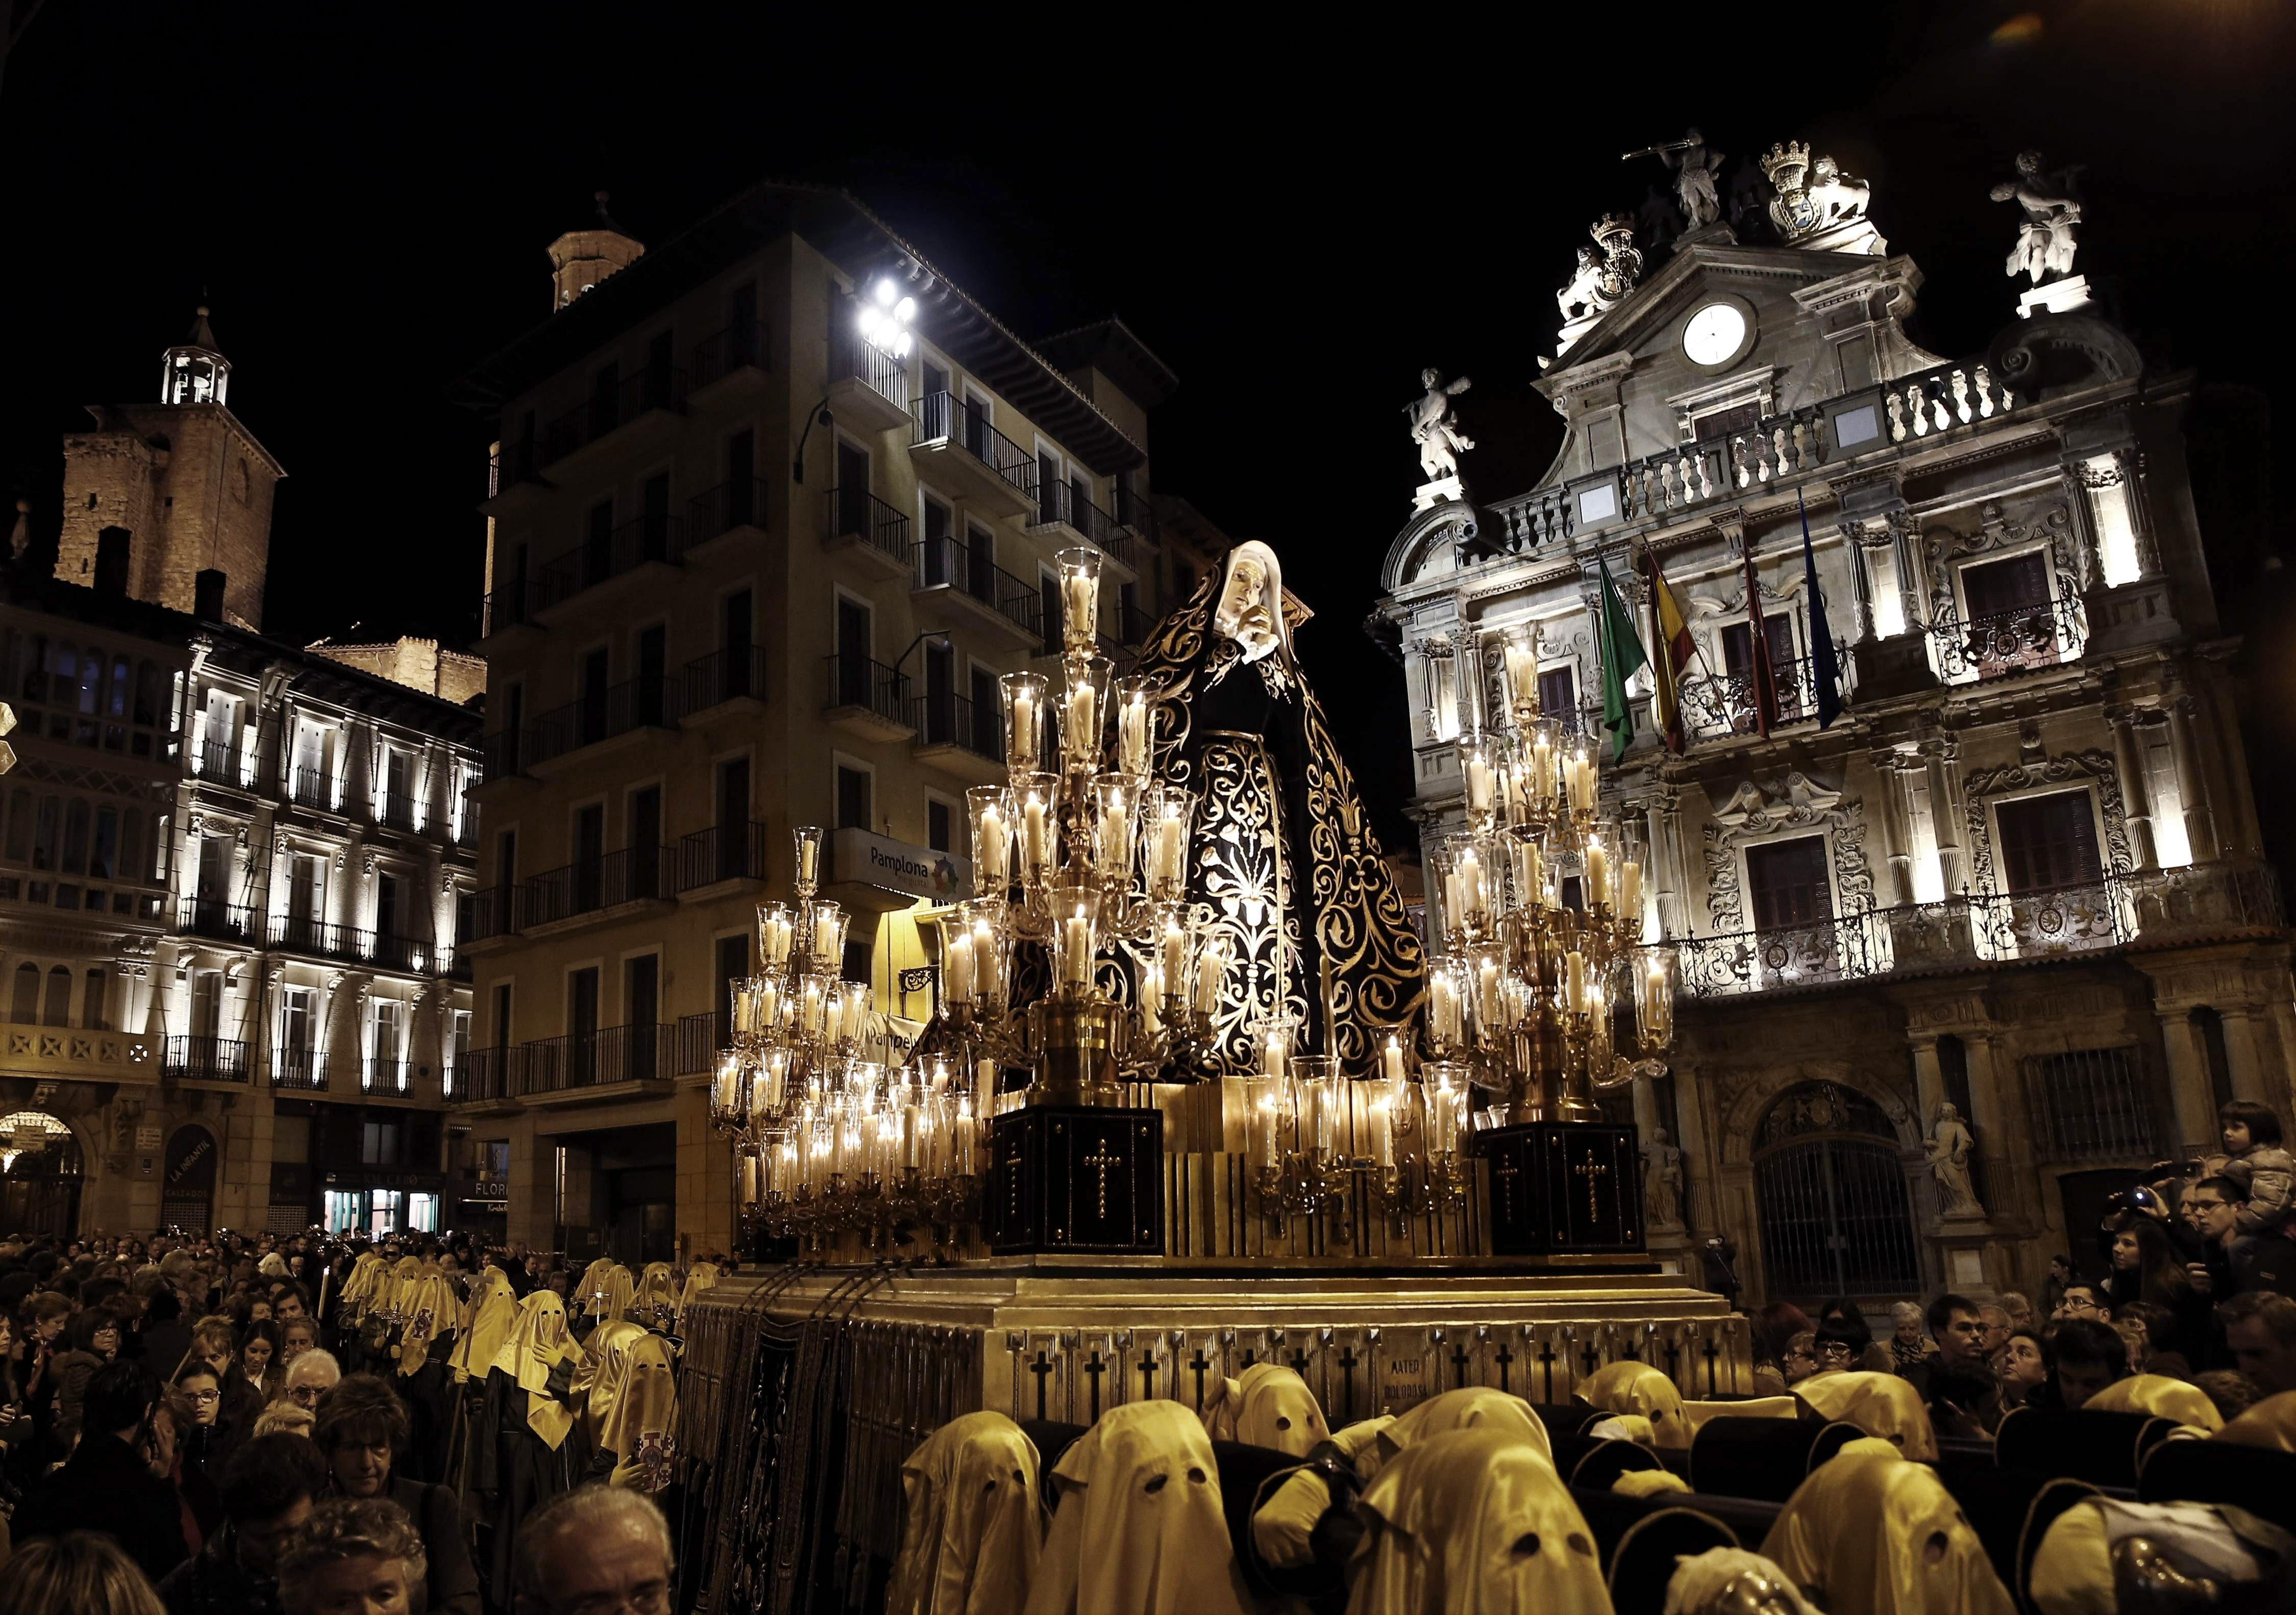 Horarios e Itinerarios de las procesiones de Pamplona en Semana Santa 2014